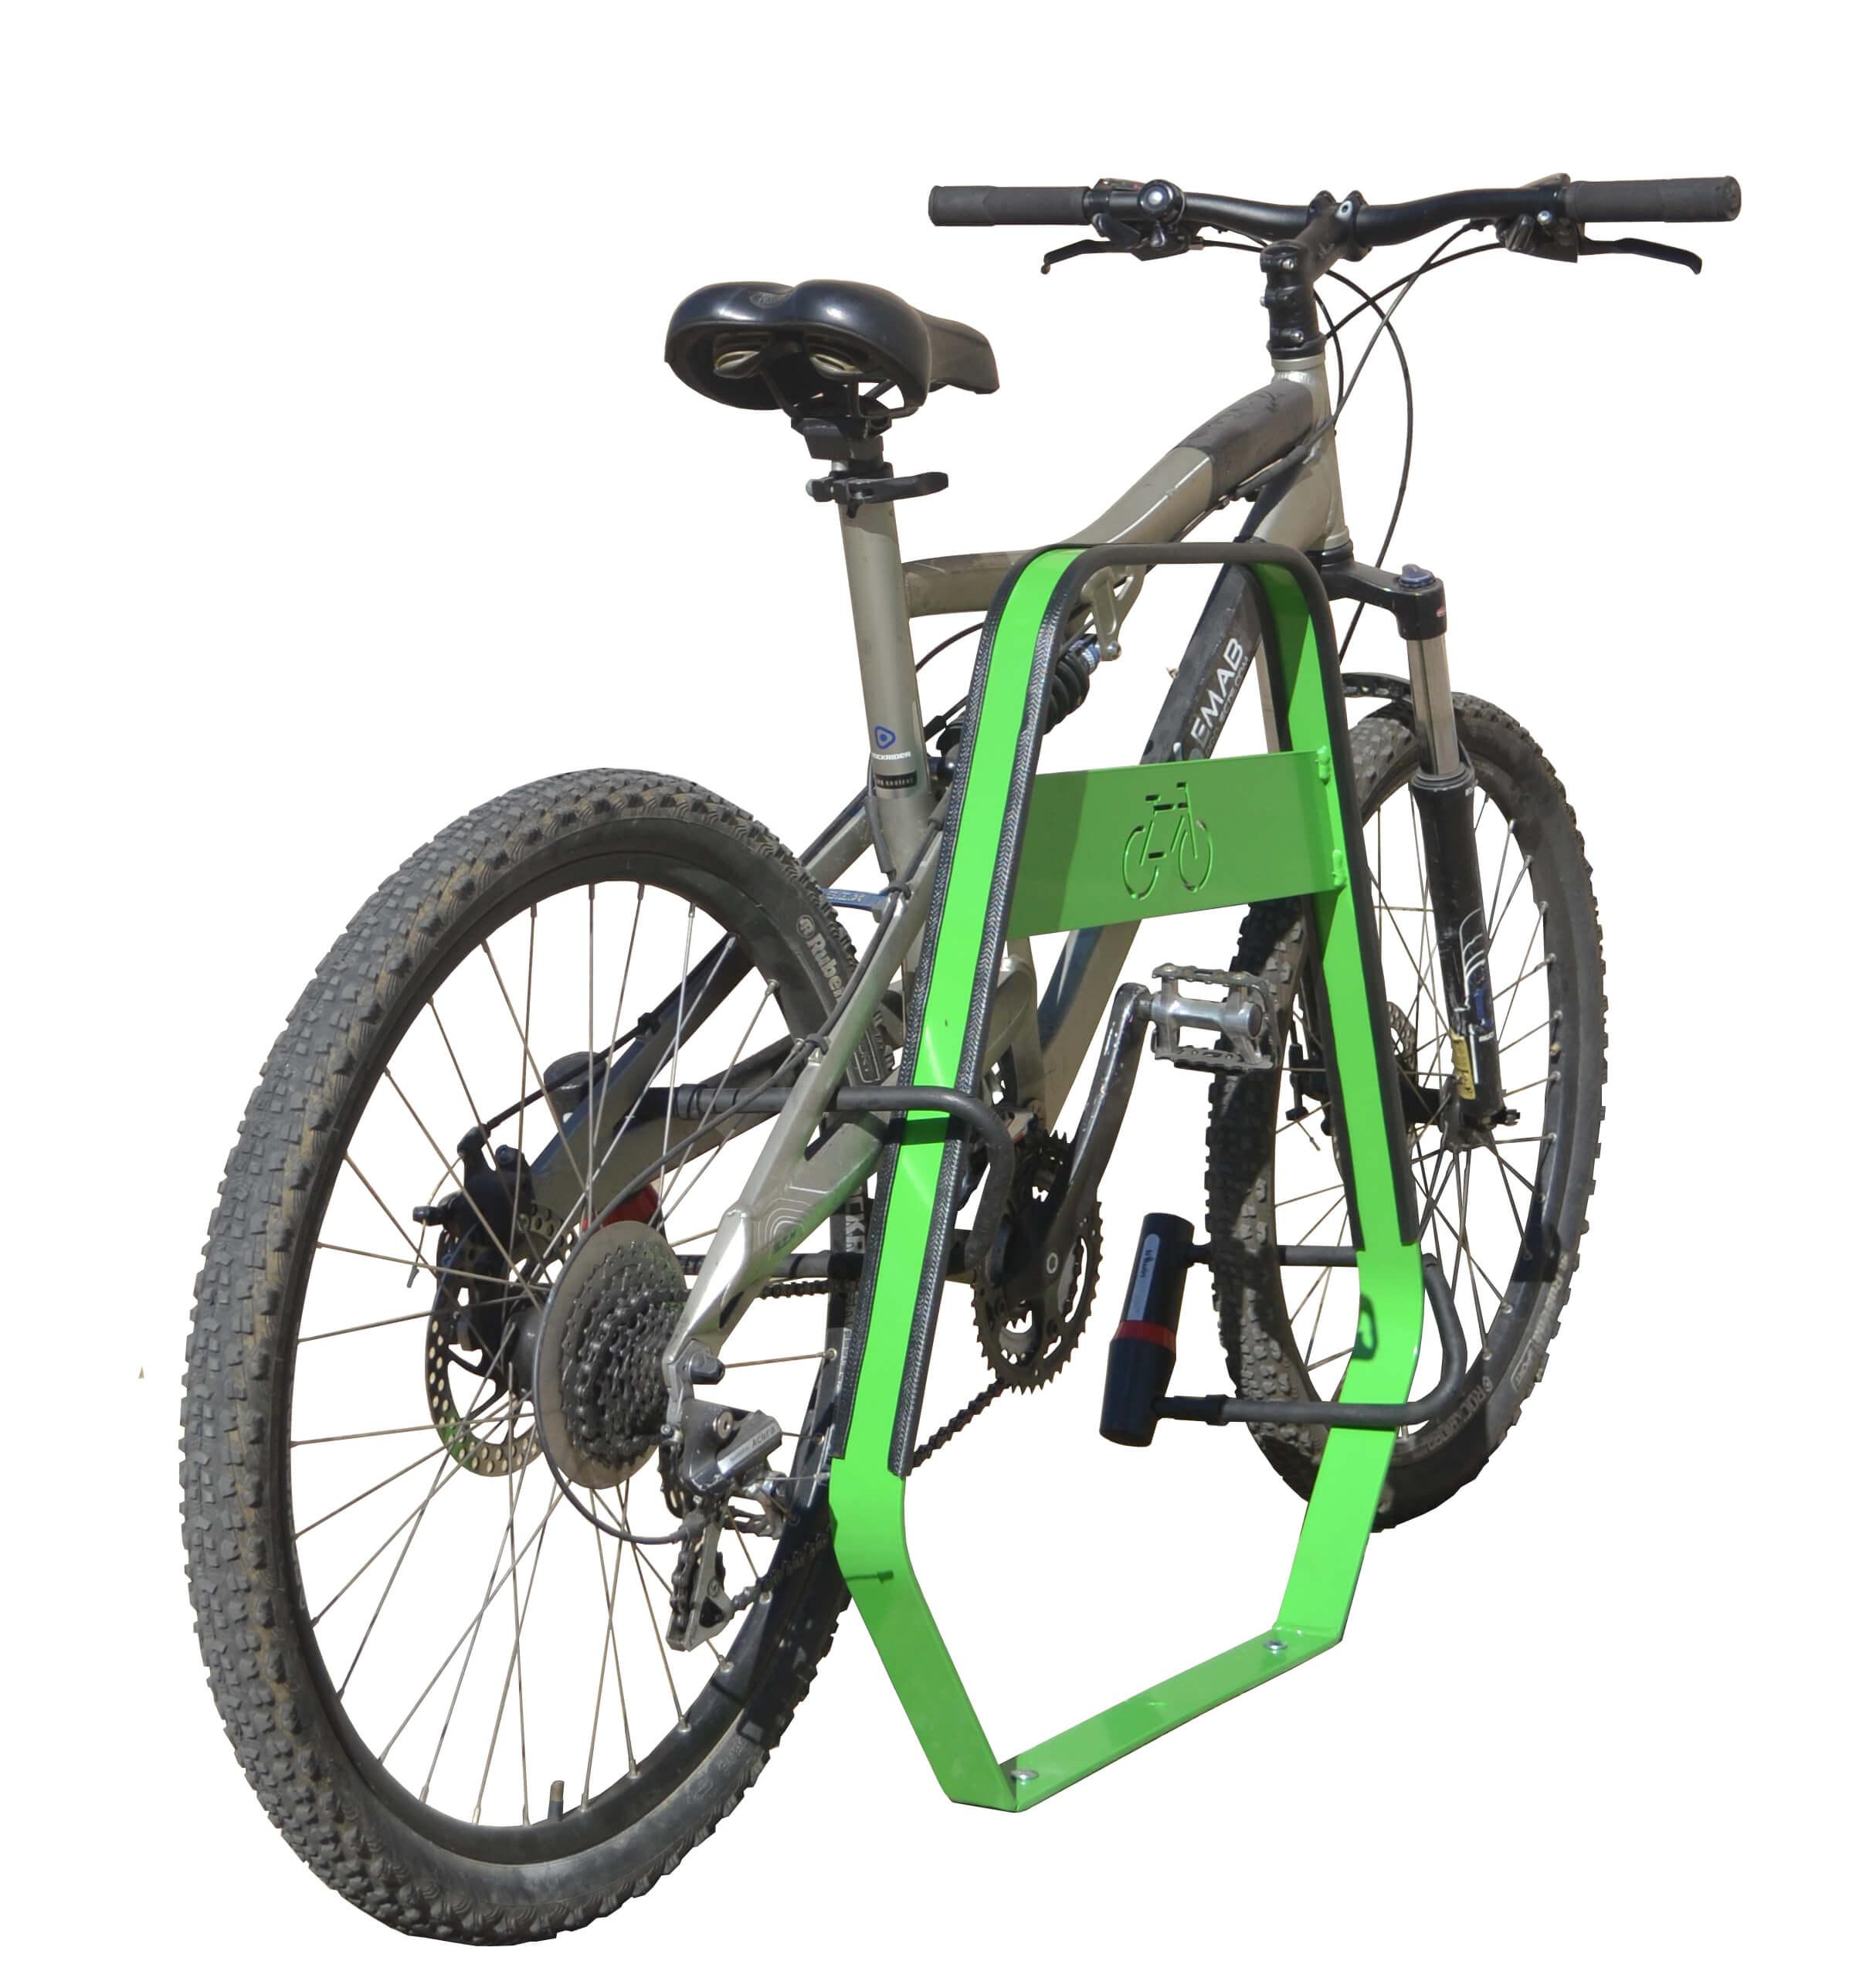 Banyoles fietsbeugel - gemaakt van (roestvrij) staal